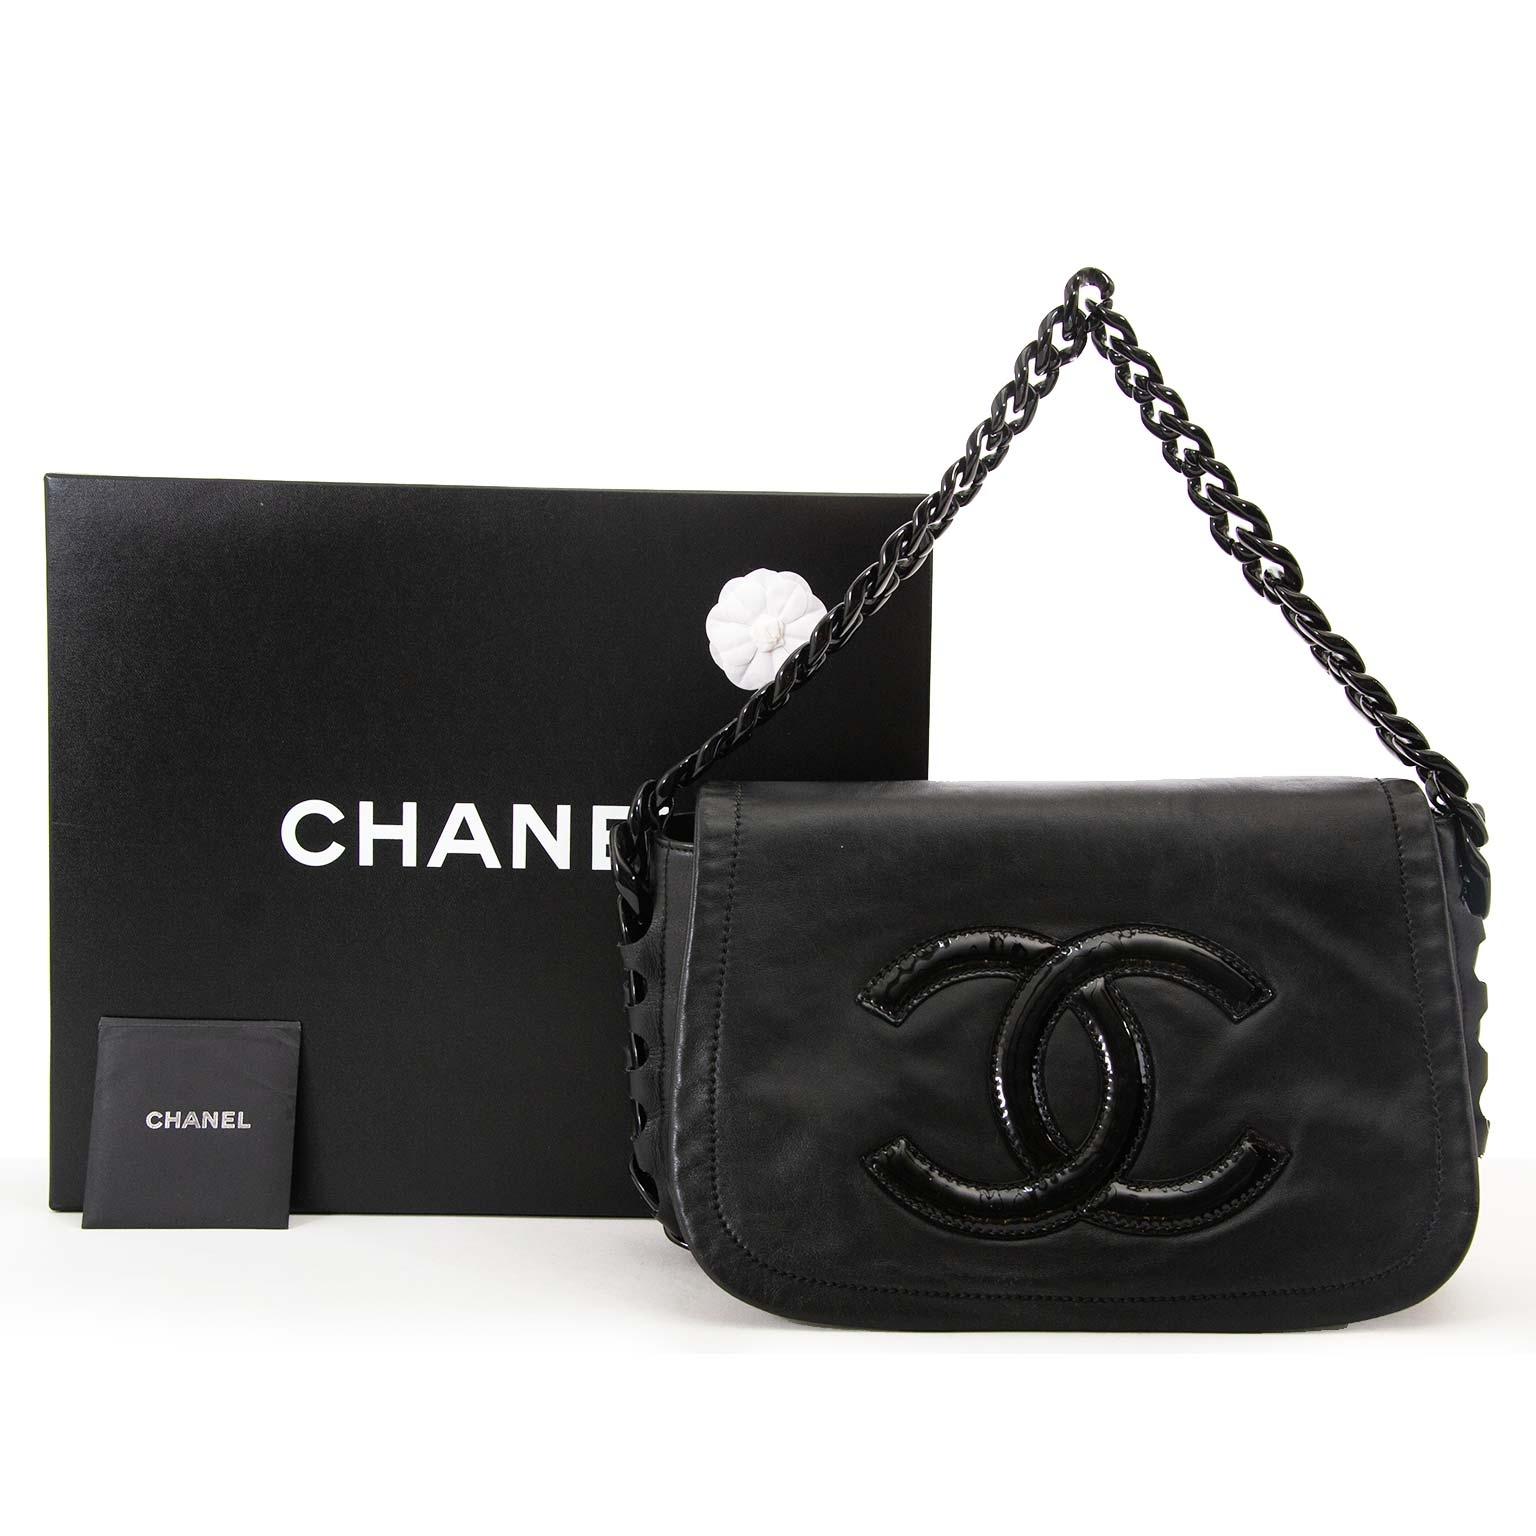 34a8bc1fdce ... sale online at Labellov secondhand luxury Koop 100% authentieke designer  handtassen van merken zoals Chanel Louis Vuitton Hermes en meer